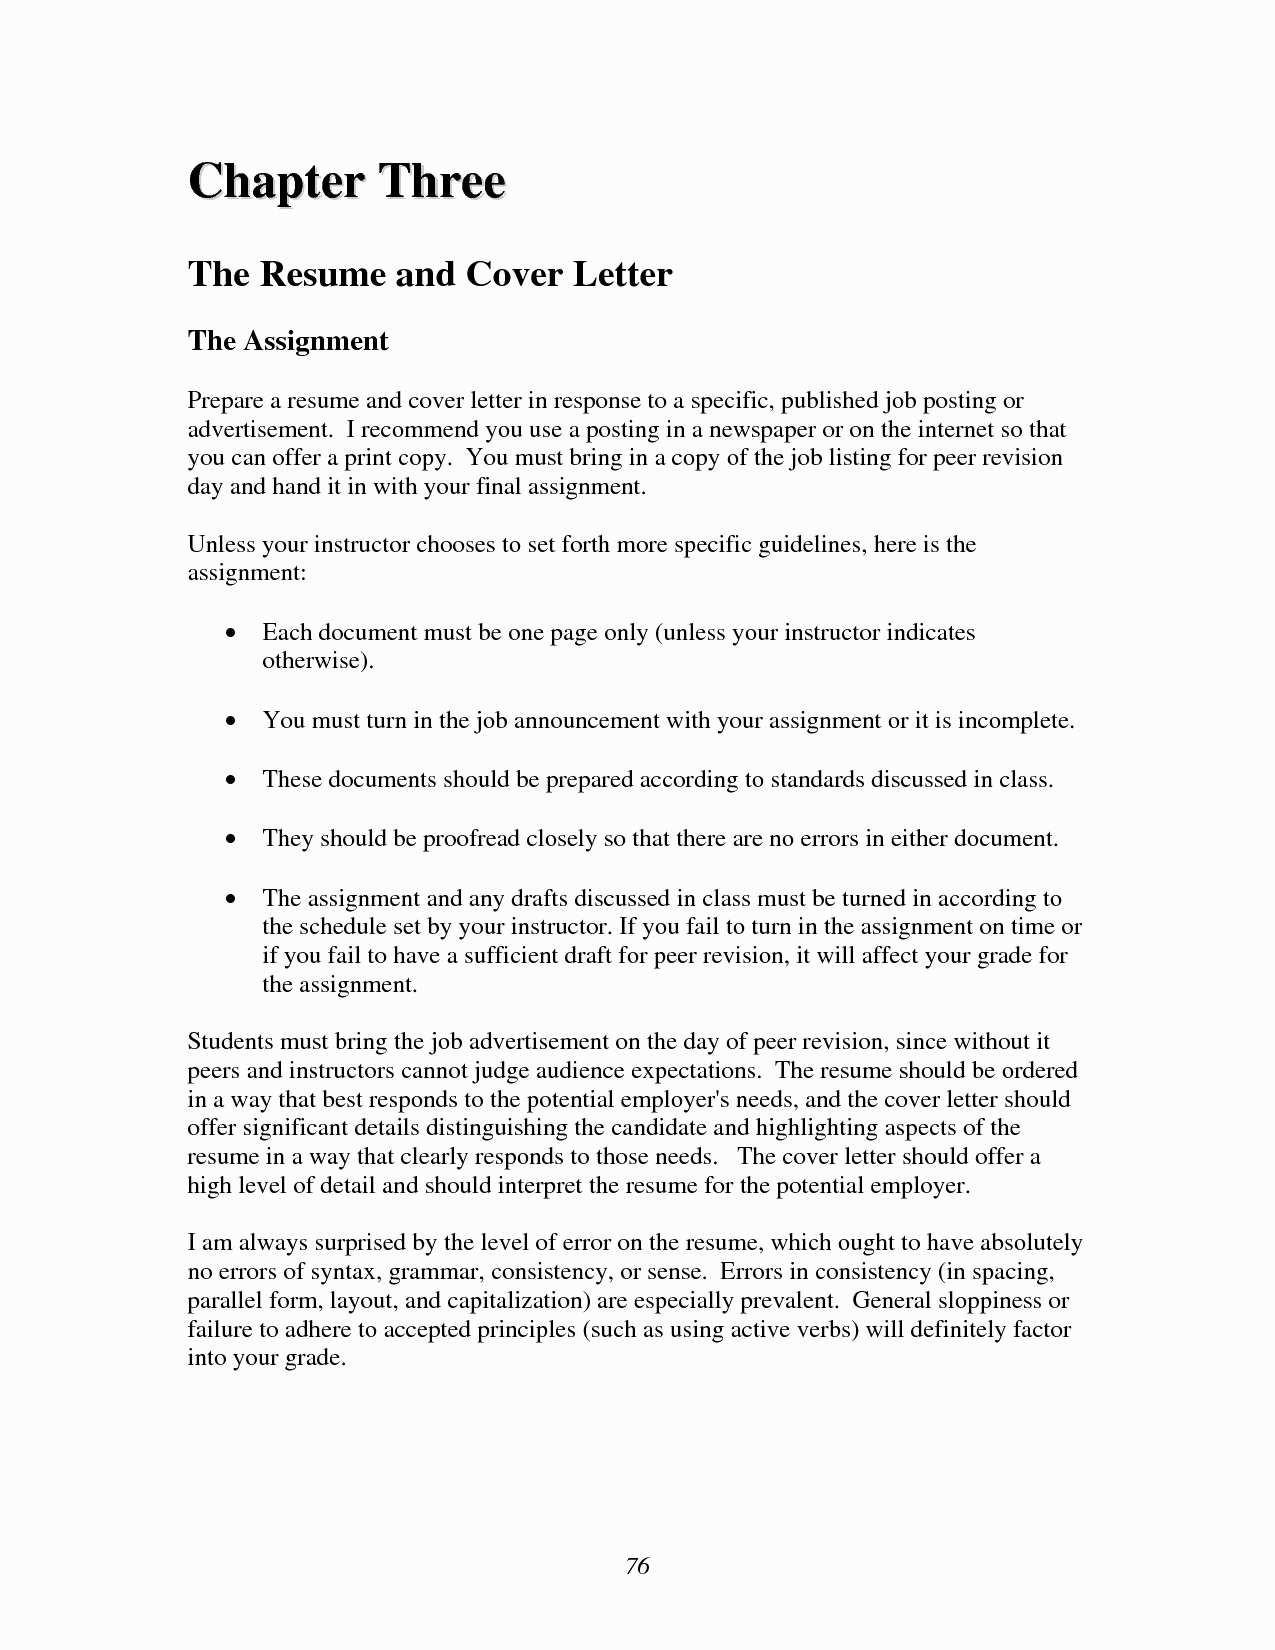 Opt Offer Letter Template - Job Application Letter Sample Fresh Job Fer Letter Template Us Copy